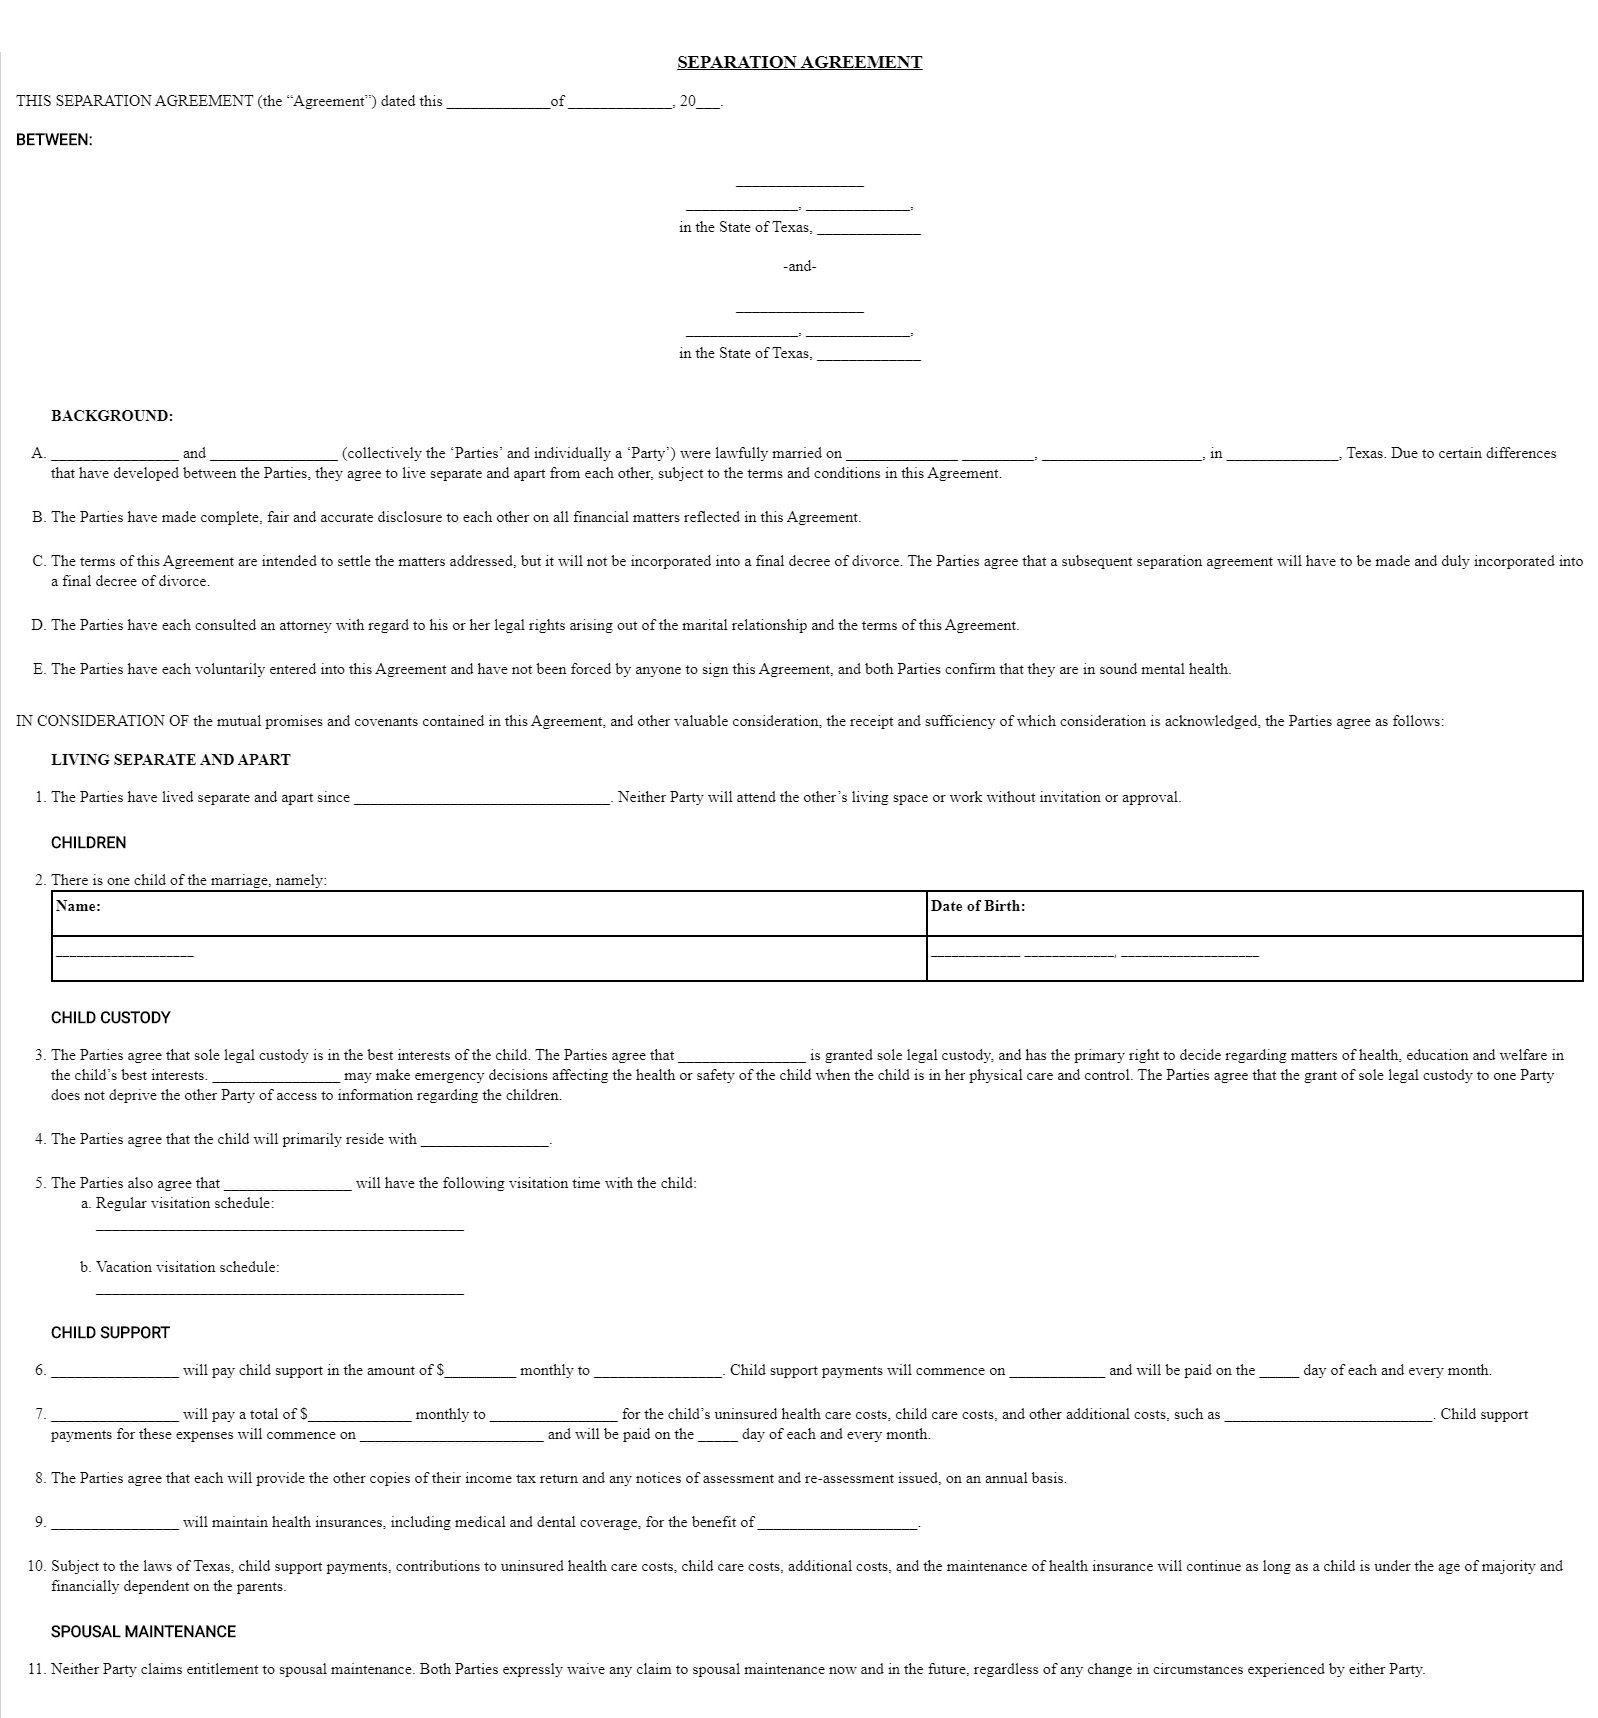 008 Frightening Divorce Settlement Agreement Template Highest Quality  Sample New York Marital Uk South AfricaFull